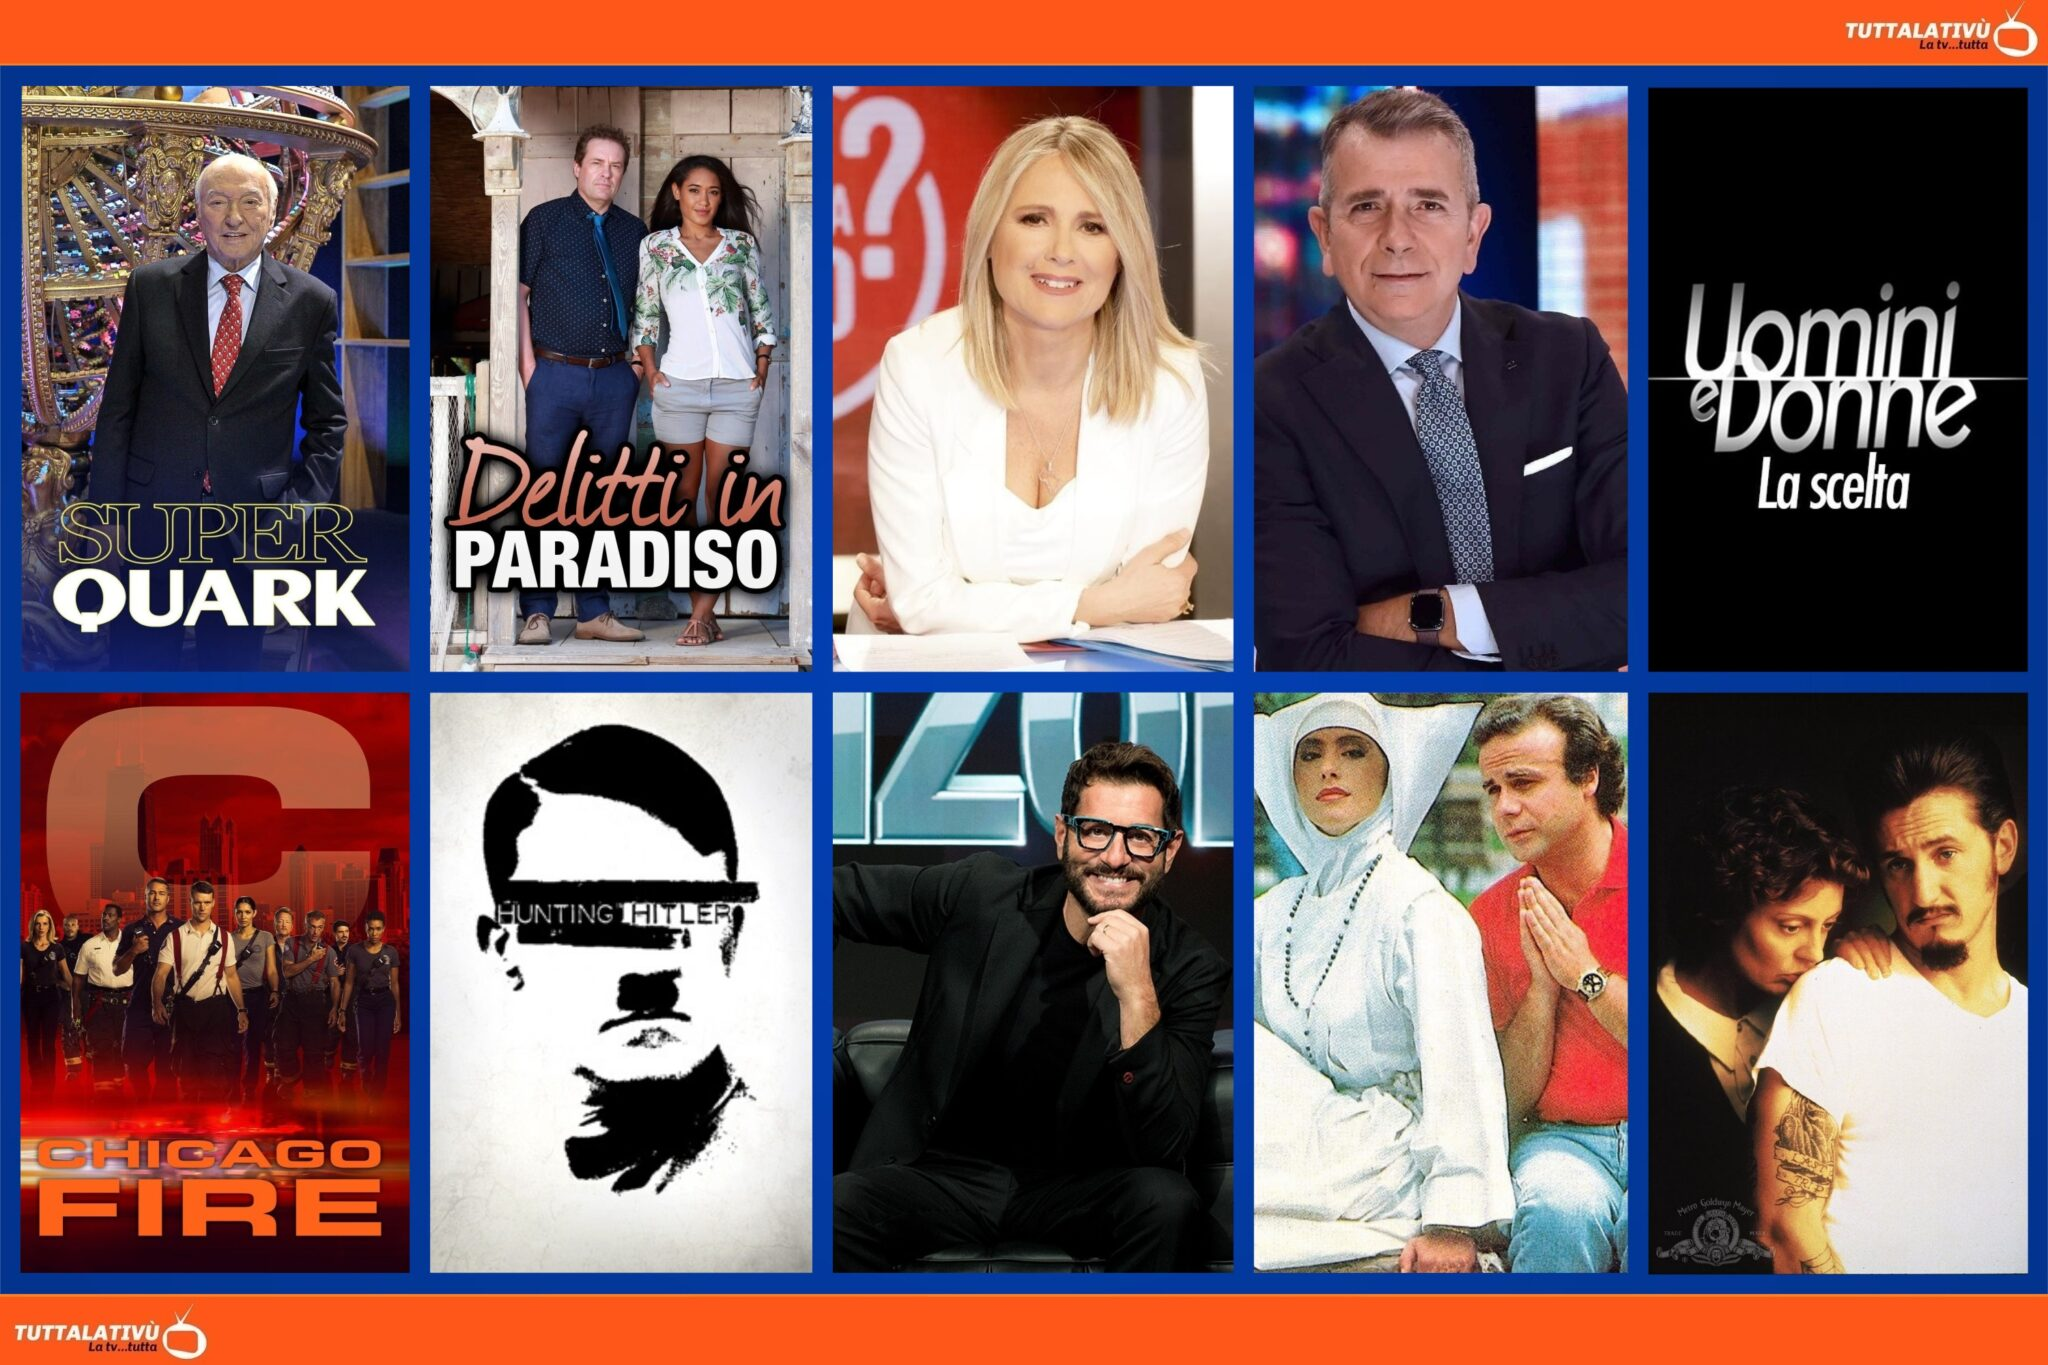 GuidaTV 14 Luglio 2021: Partono Superquark e Chicago Fire, Uomini e Donne: La scelta, Chi l'ha visto?, Delitti in paradiso, Dead Man Walking